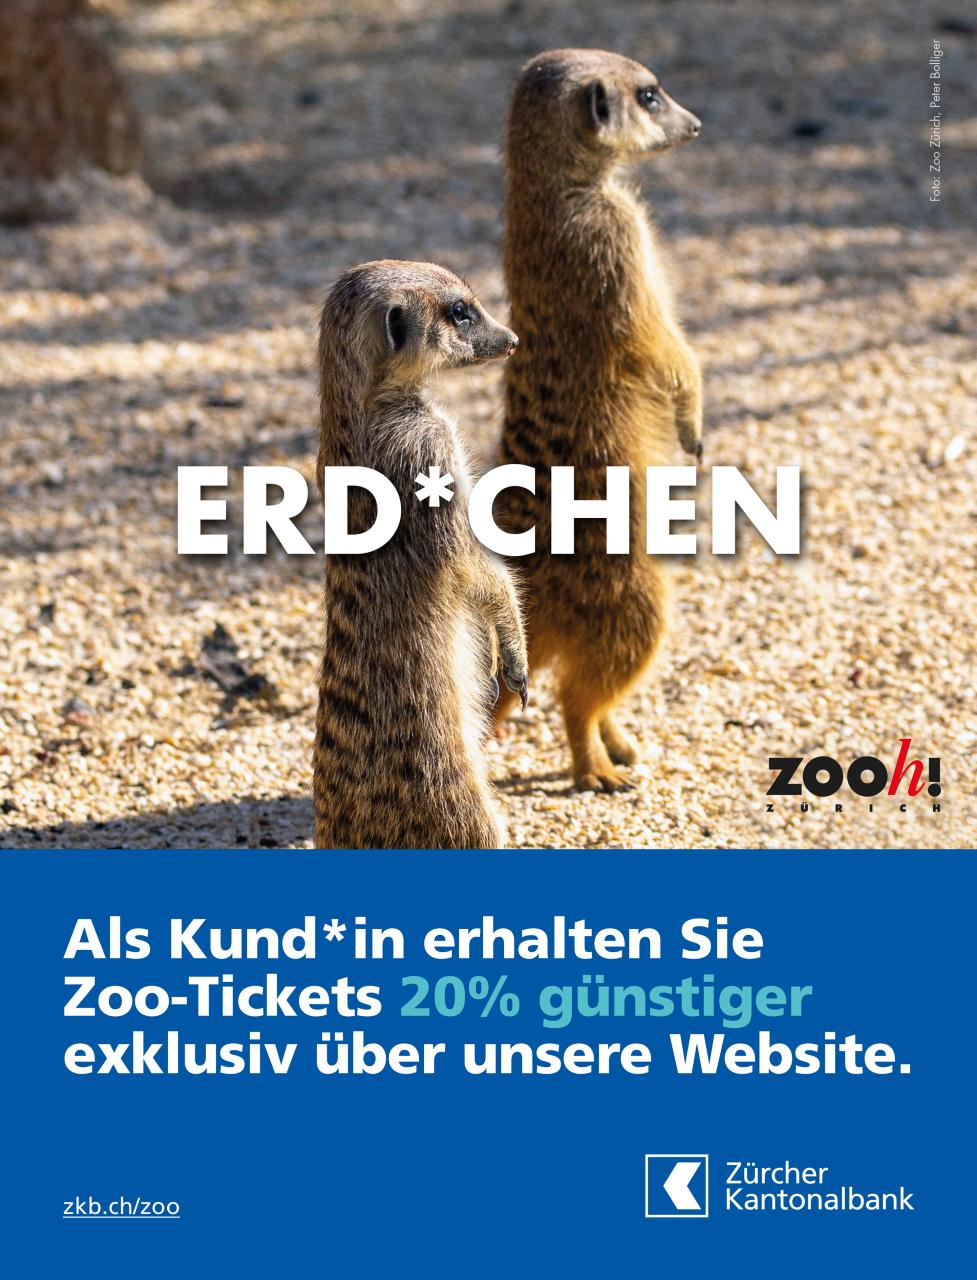 thumbnail_Inserat_Zoo_Erdchen_LGBTIQ